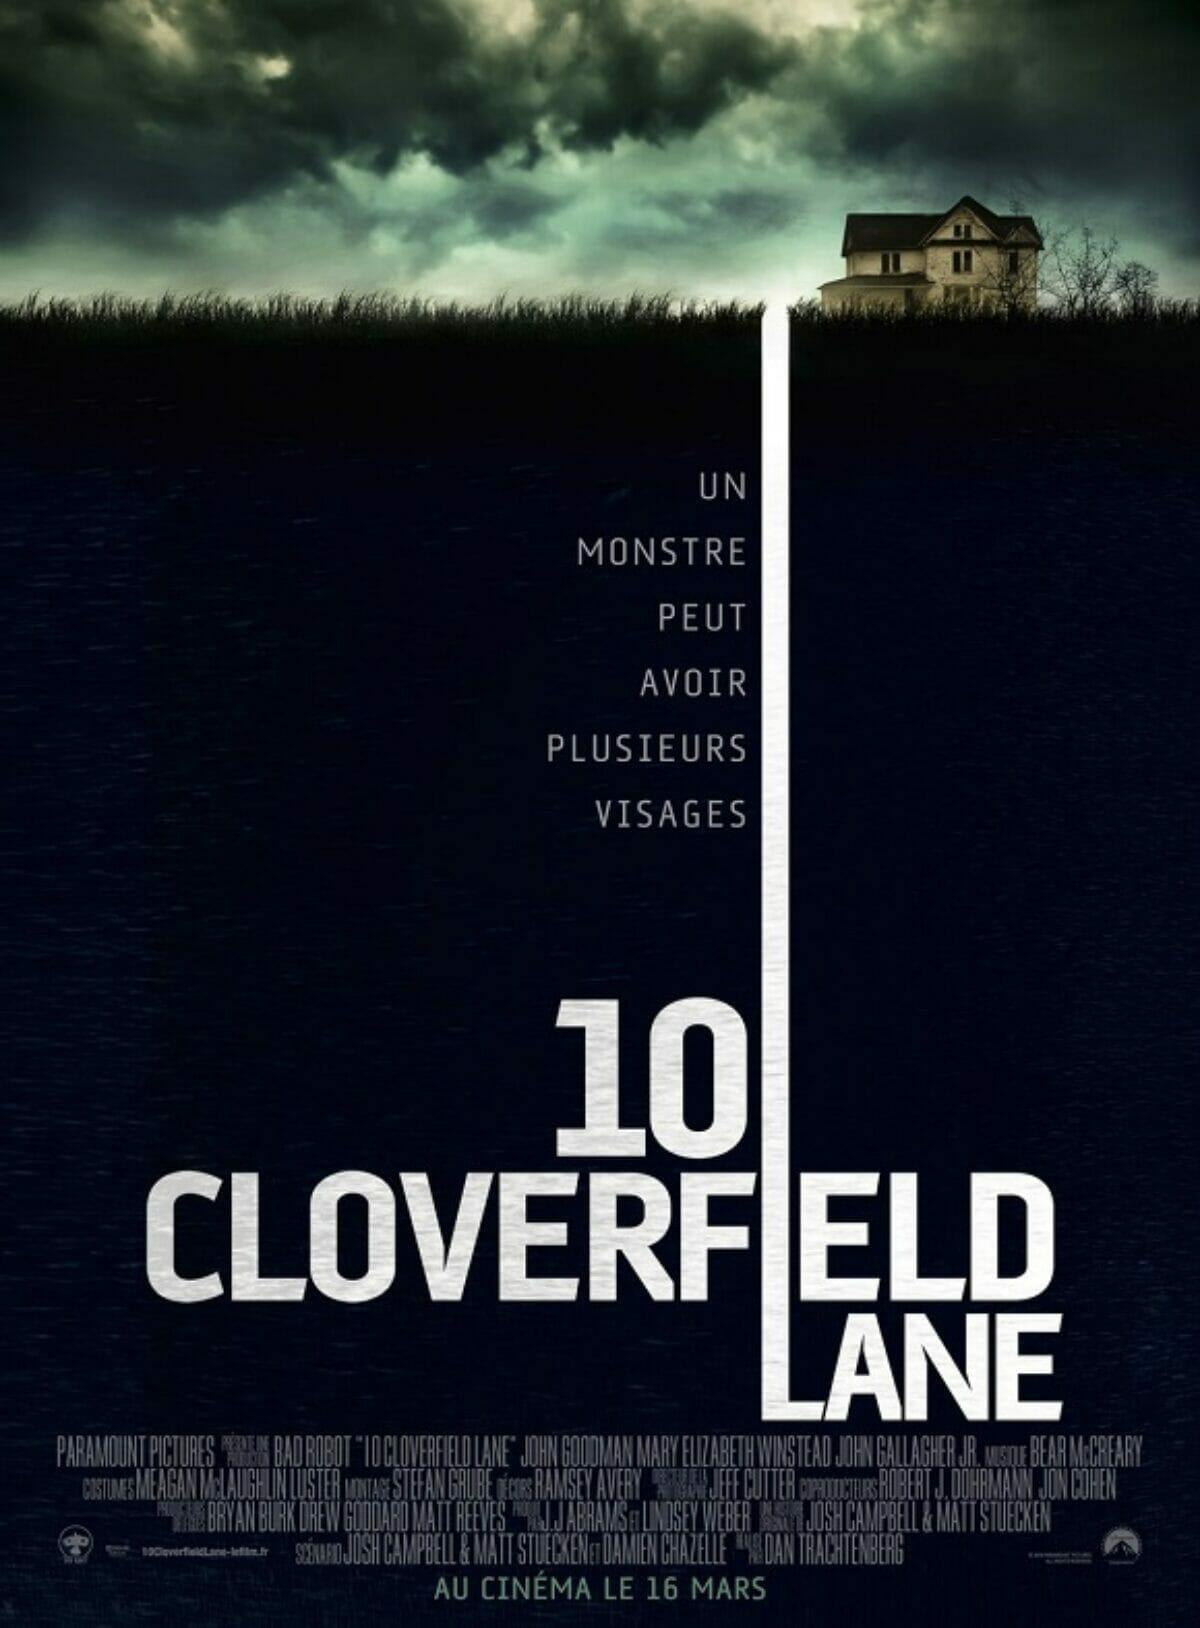 10_Cloverfield_Lane-poster